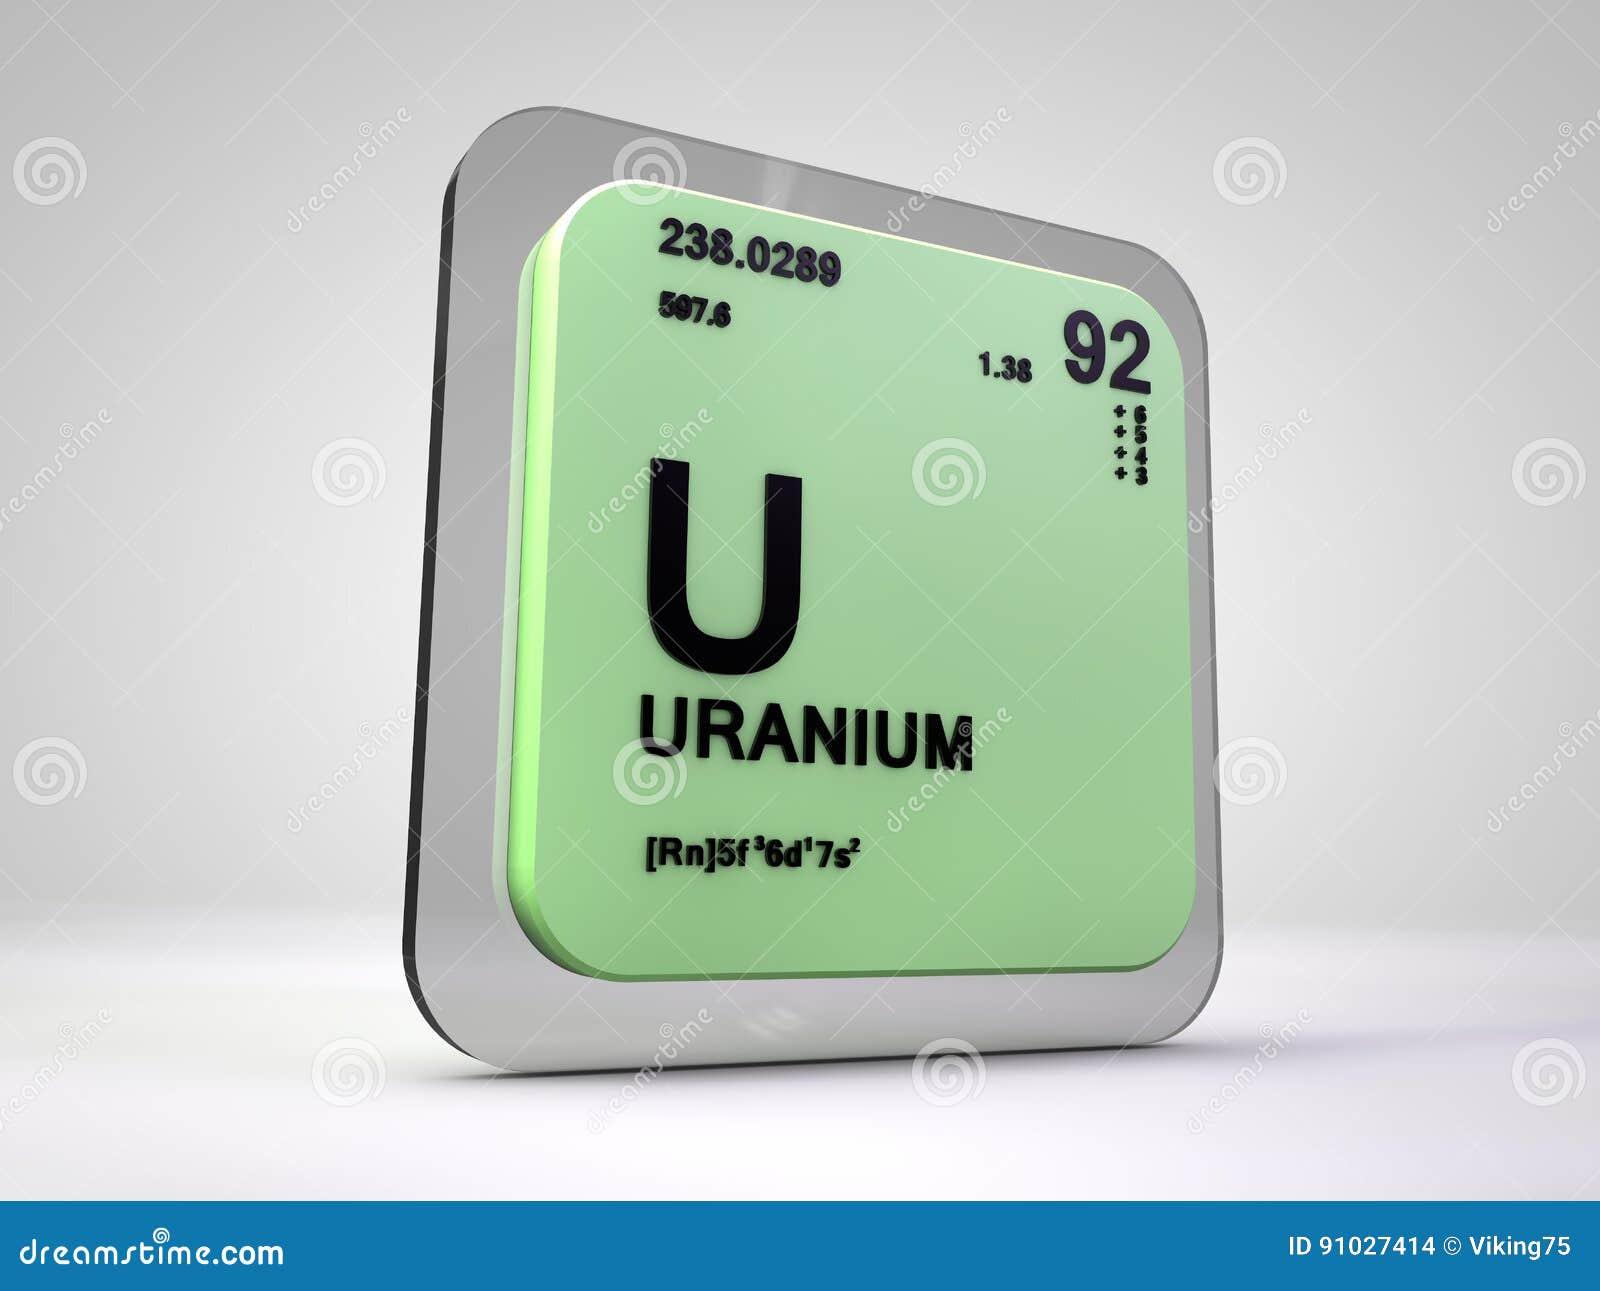 Uranium u chemical element periodic table stock illustration uranium u chemical element periodic table buycottarizona Images